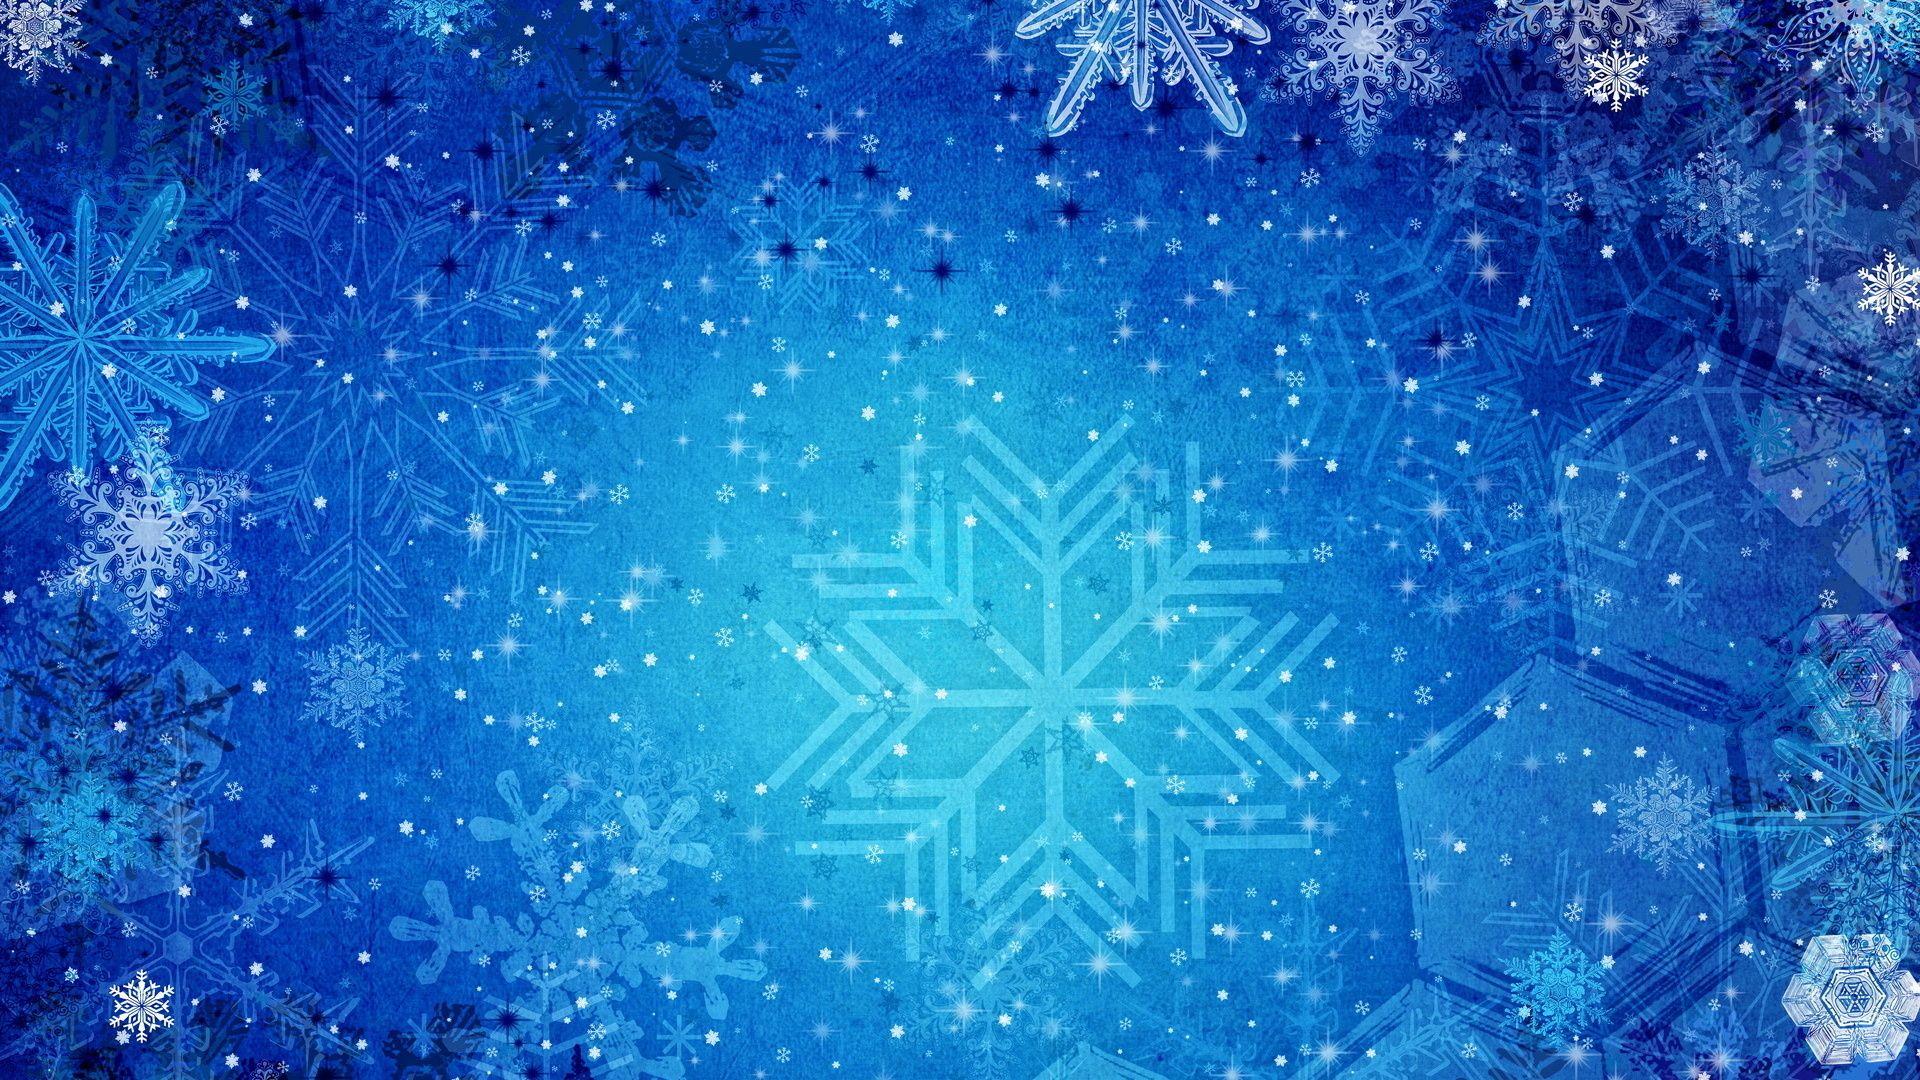 Patrón De Fondo De Pantalla De Deportes: Descargar Gratis Los Copos De Nieve, Los Patrones De, Azul